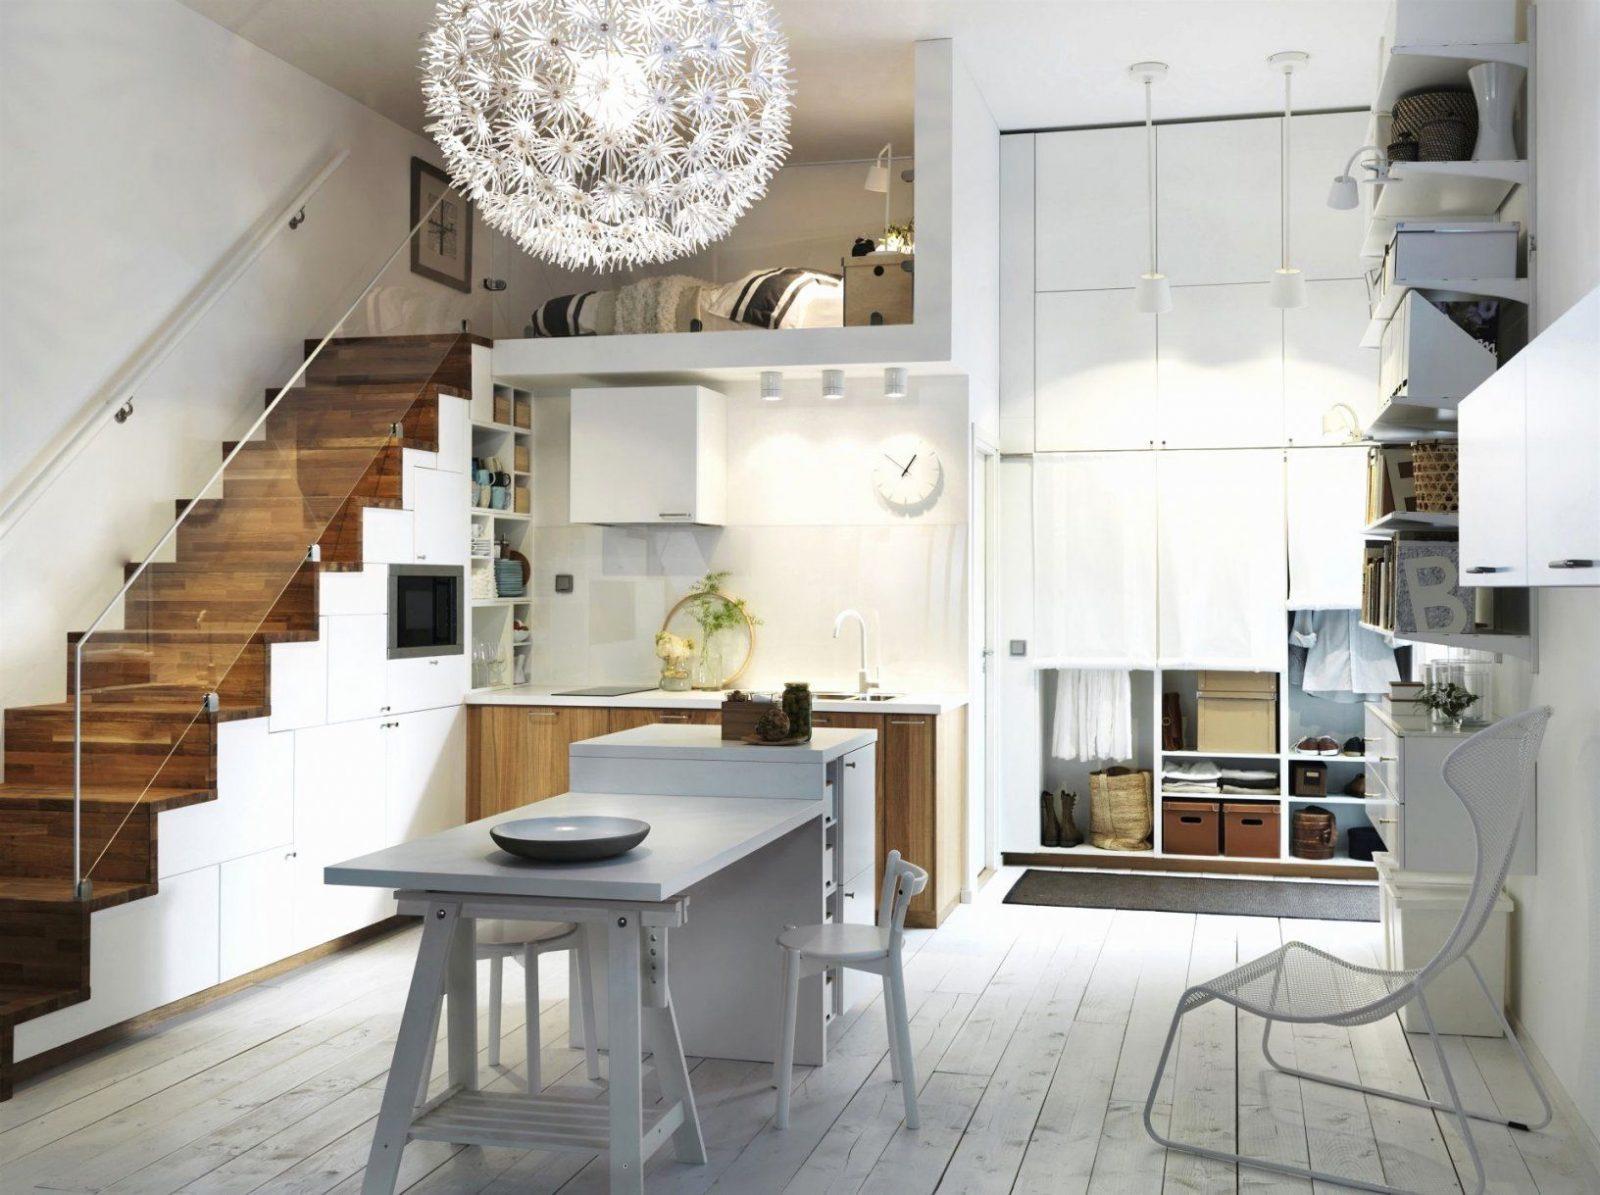 Ruptos Inspiration 40 Qm Wohnung Einrichten  Hausplan von 40 Qm Wohnung Einrichten Bild